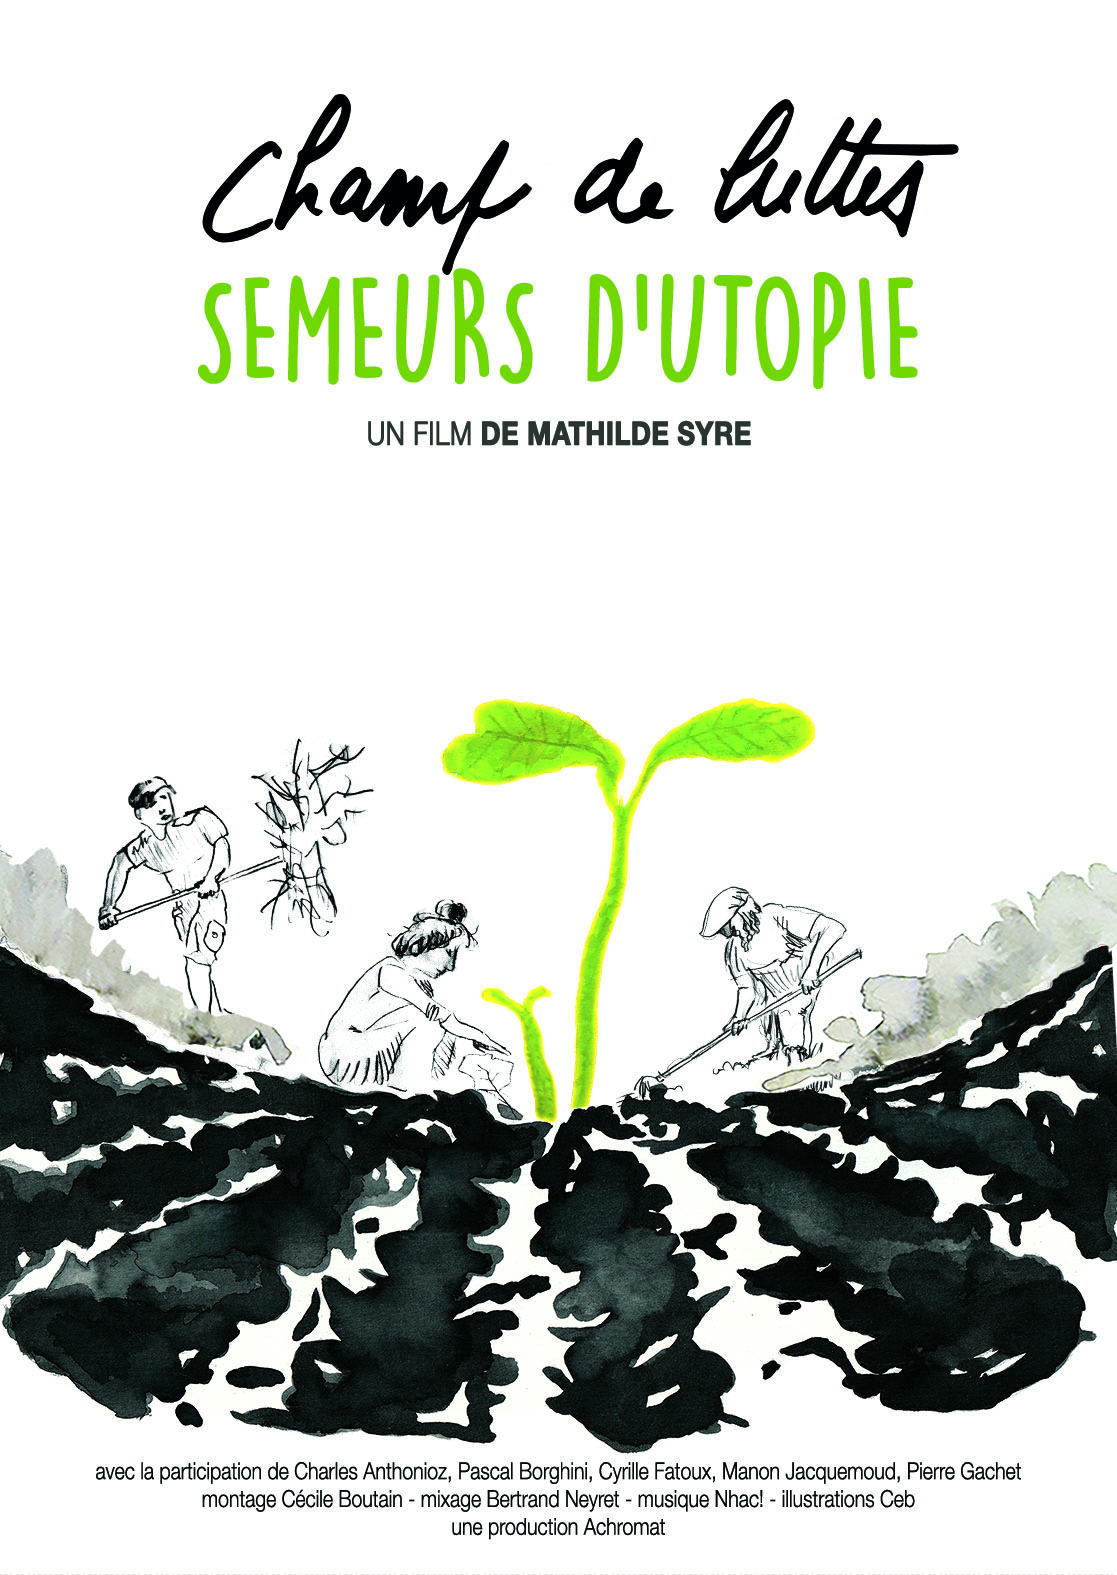 CHAMP DE LUTTES, SEMEURS D'UTOPIE